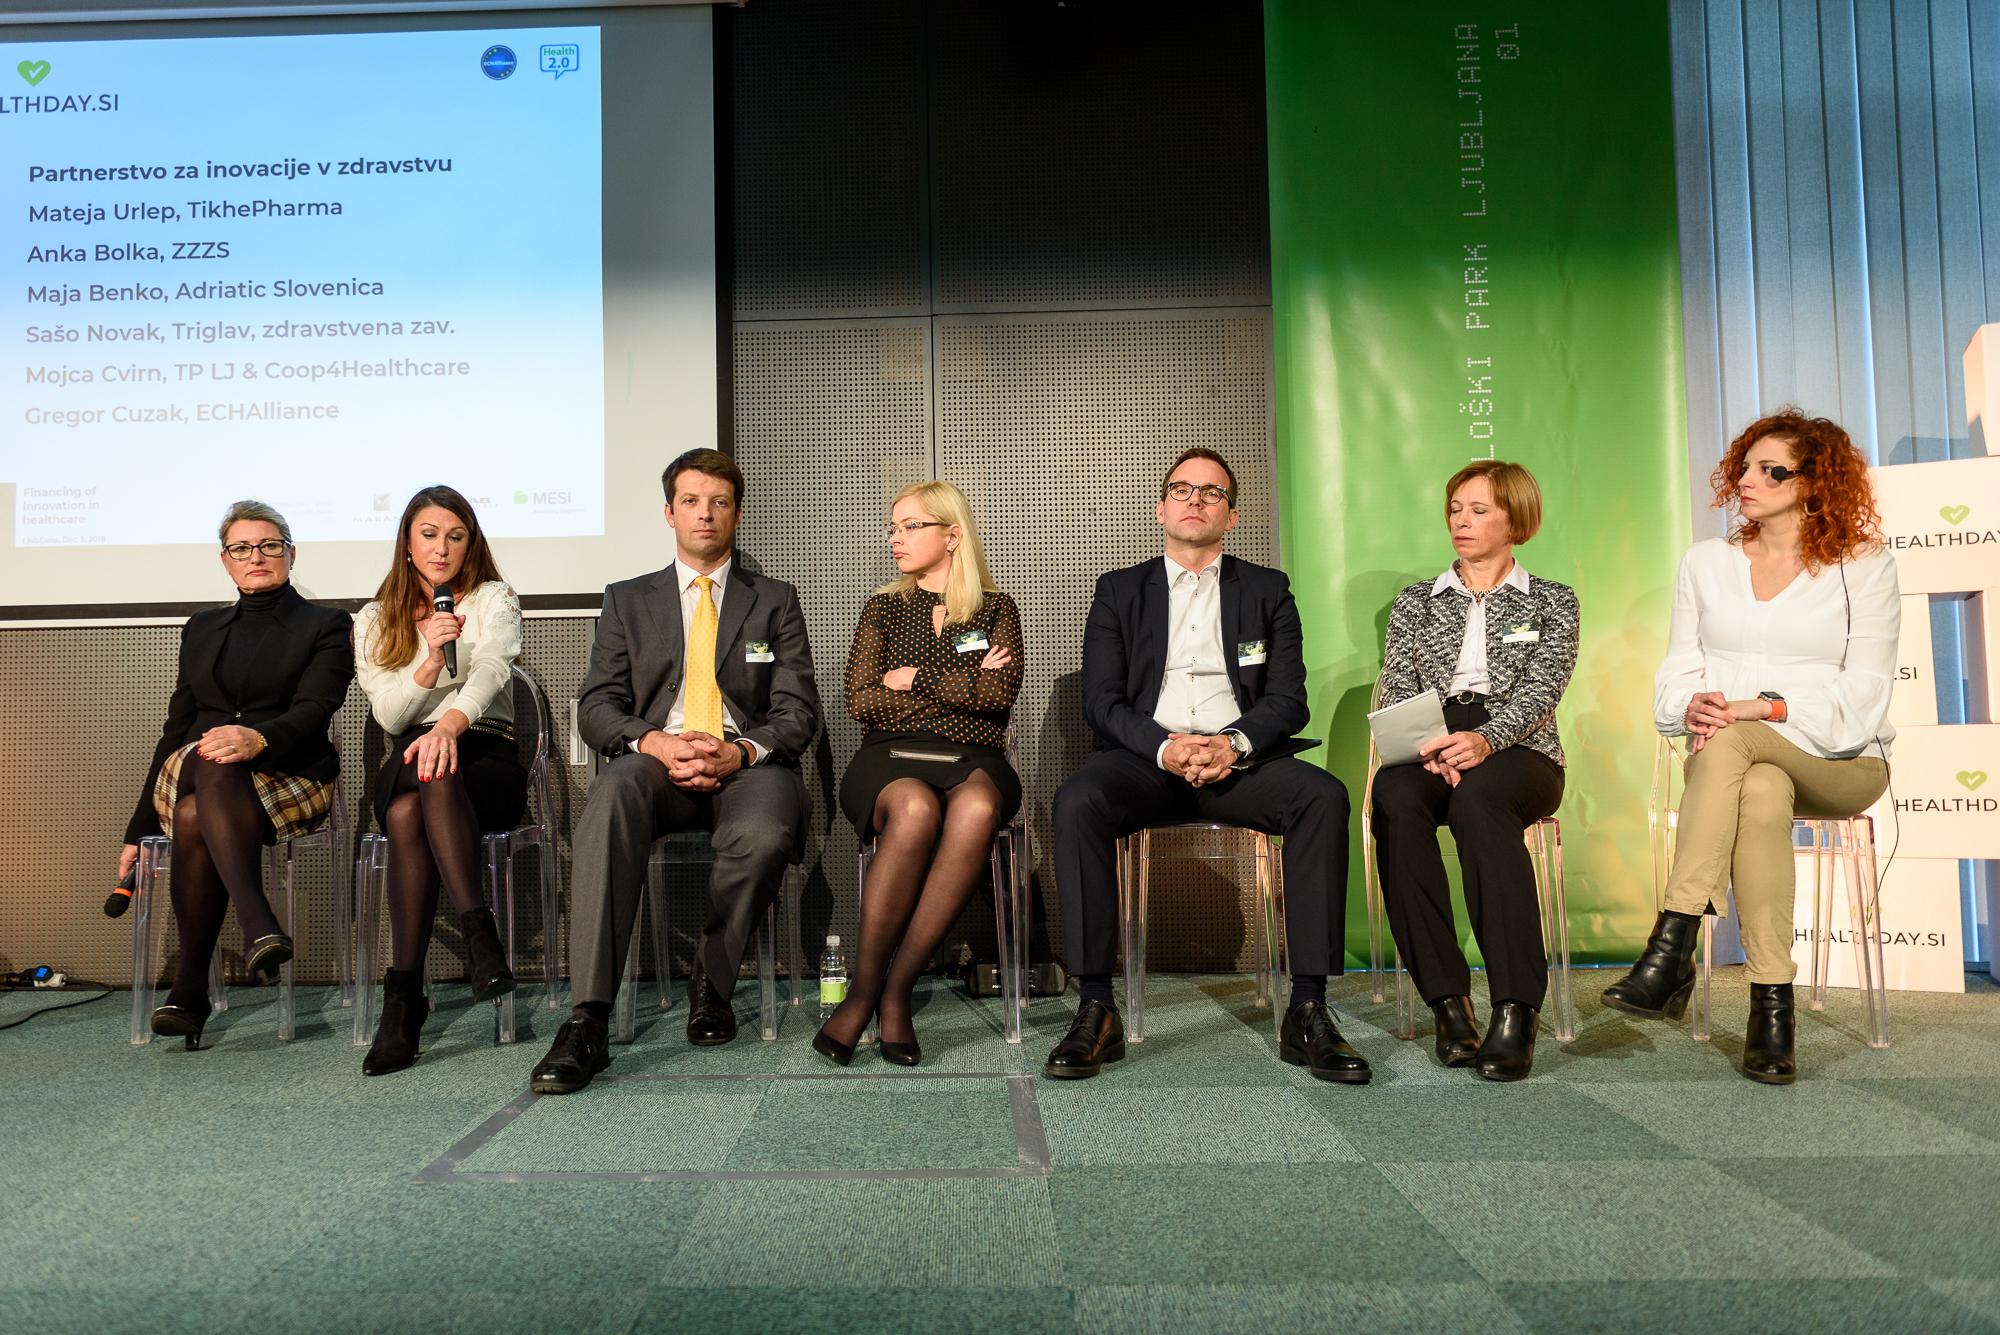 Okrogla miza Partnerstva za inovacije v zdravstvu: Mateja Urlep, Mojca Cvirn, Gregor Cuzak, Maja Benko, Sašo Novak, Anka Bolka, Tjaša Zajc   video posnetek